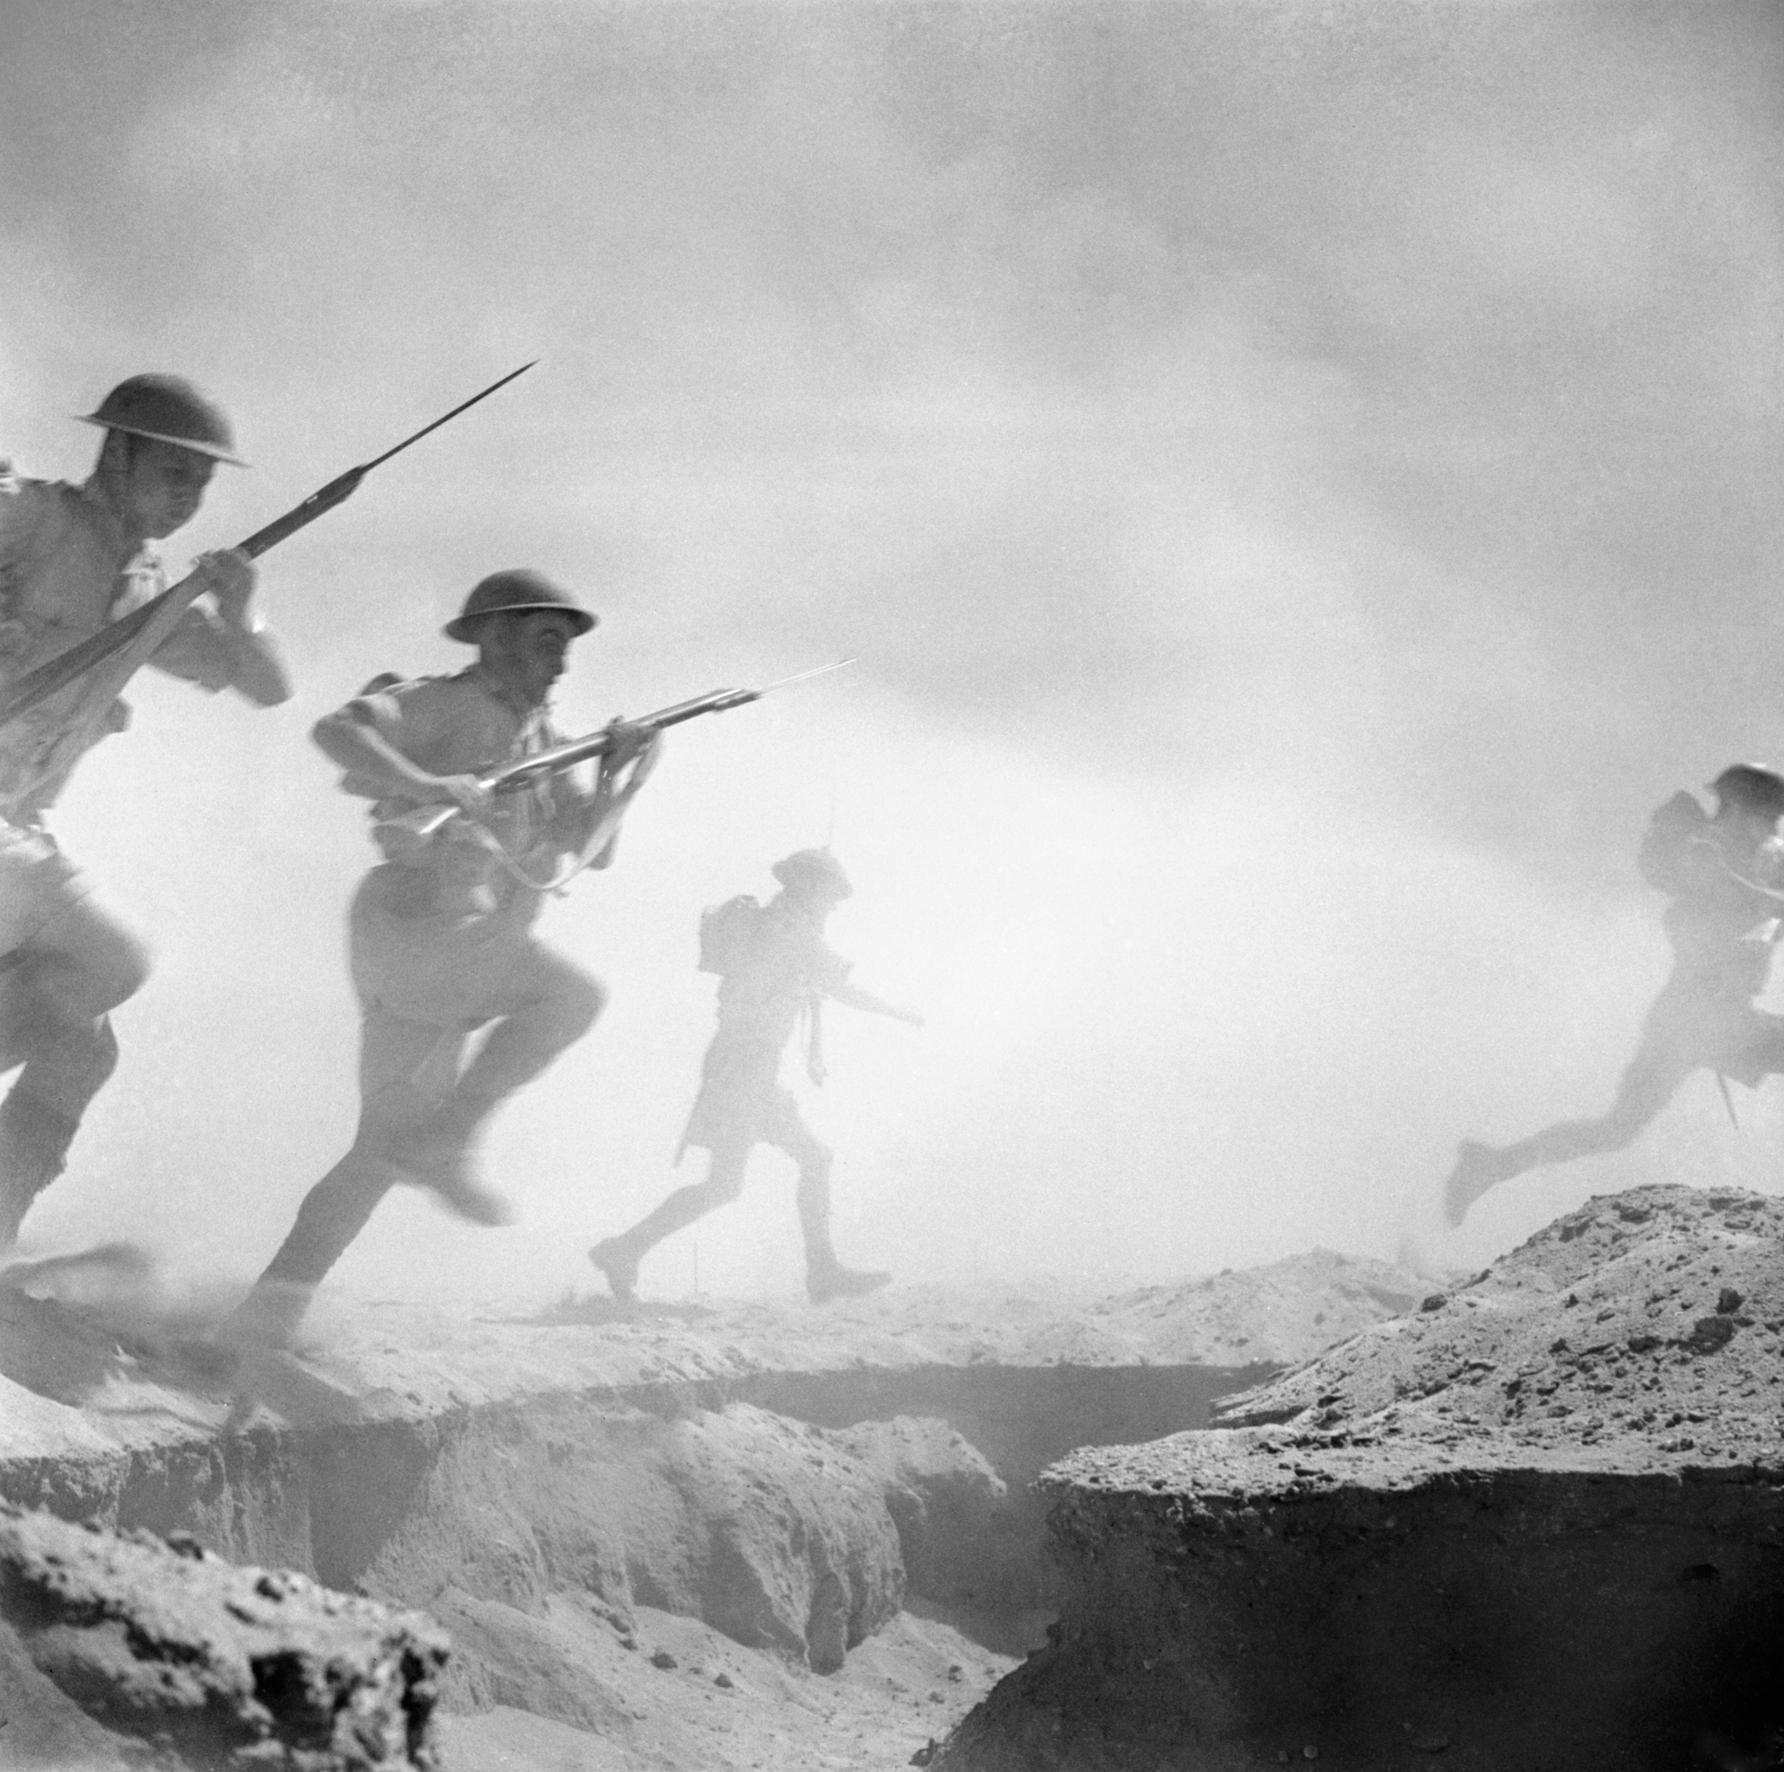 североафриканская кампания 1940 1943